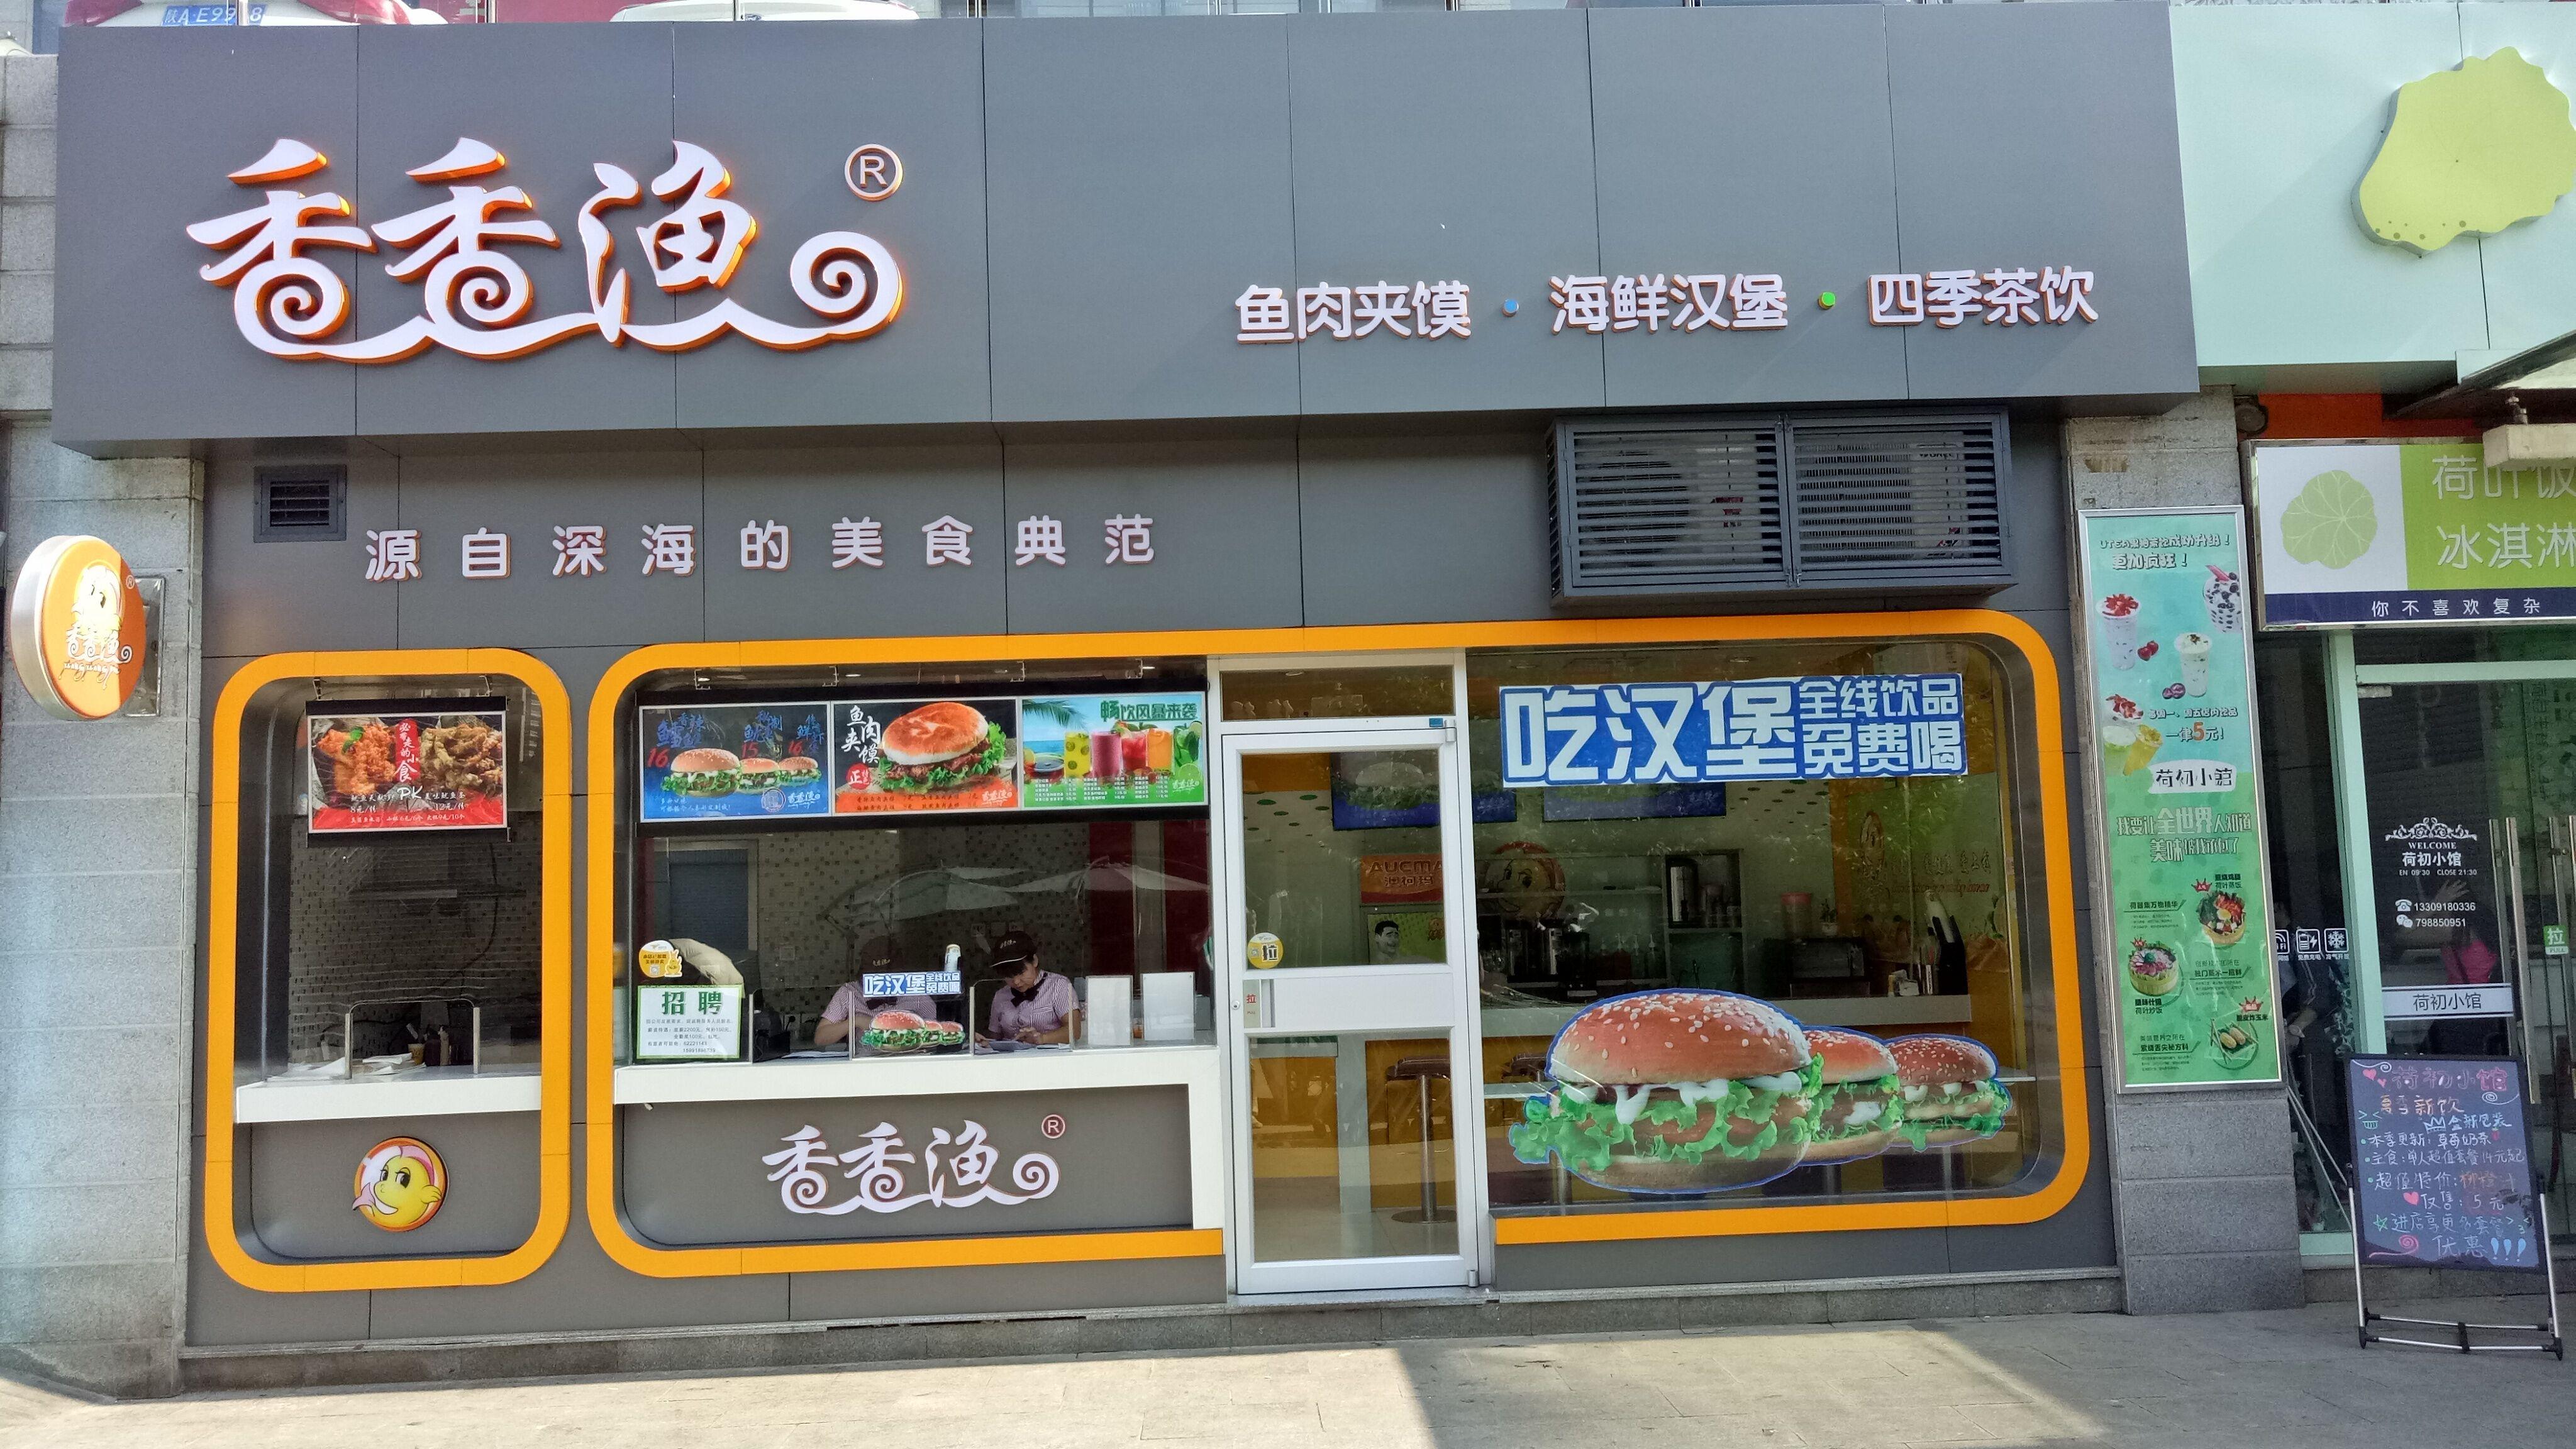 香香渔中式快餐